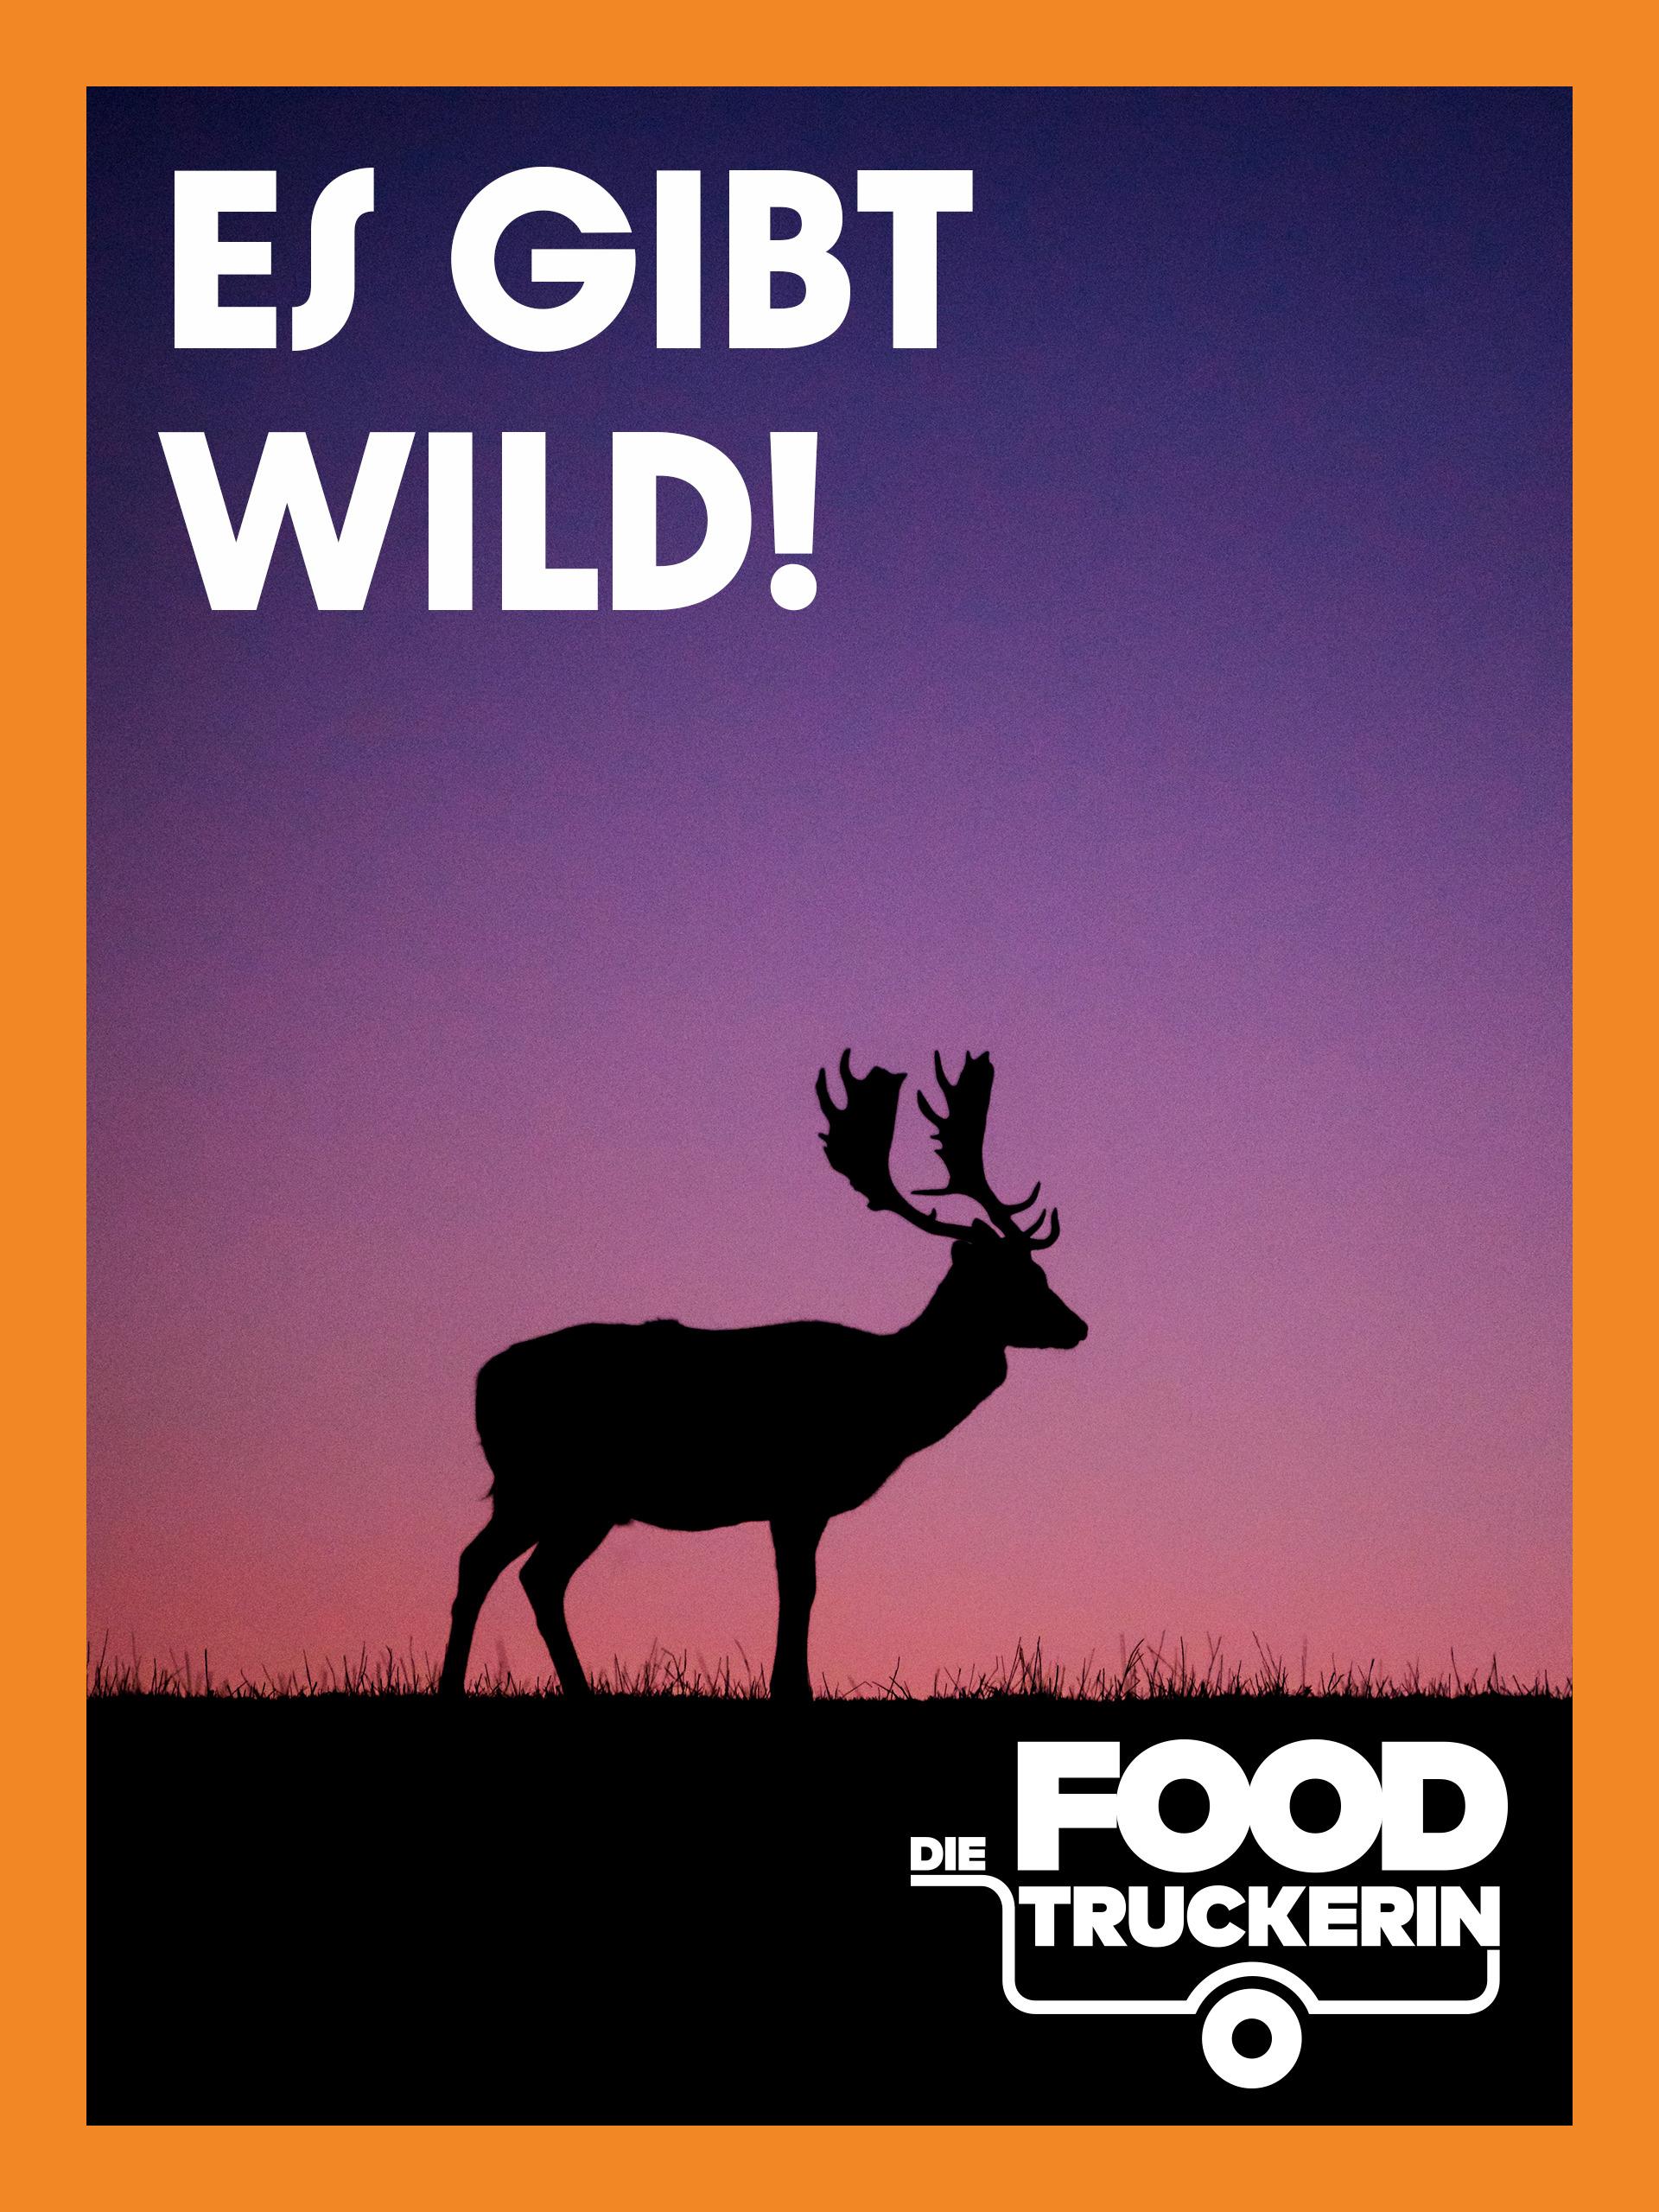 Die Foodtruckerin - Es gibt Wild!